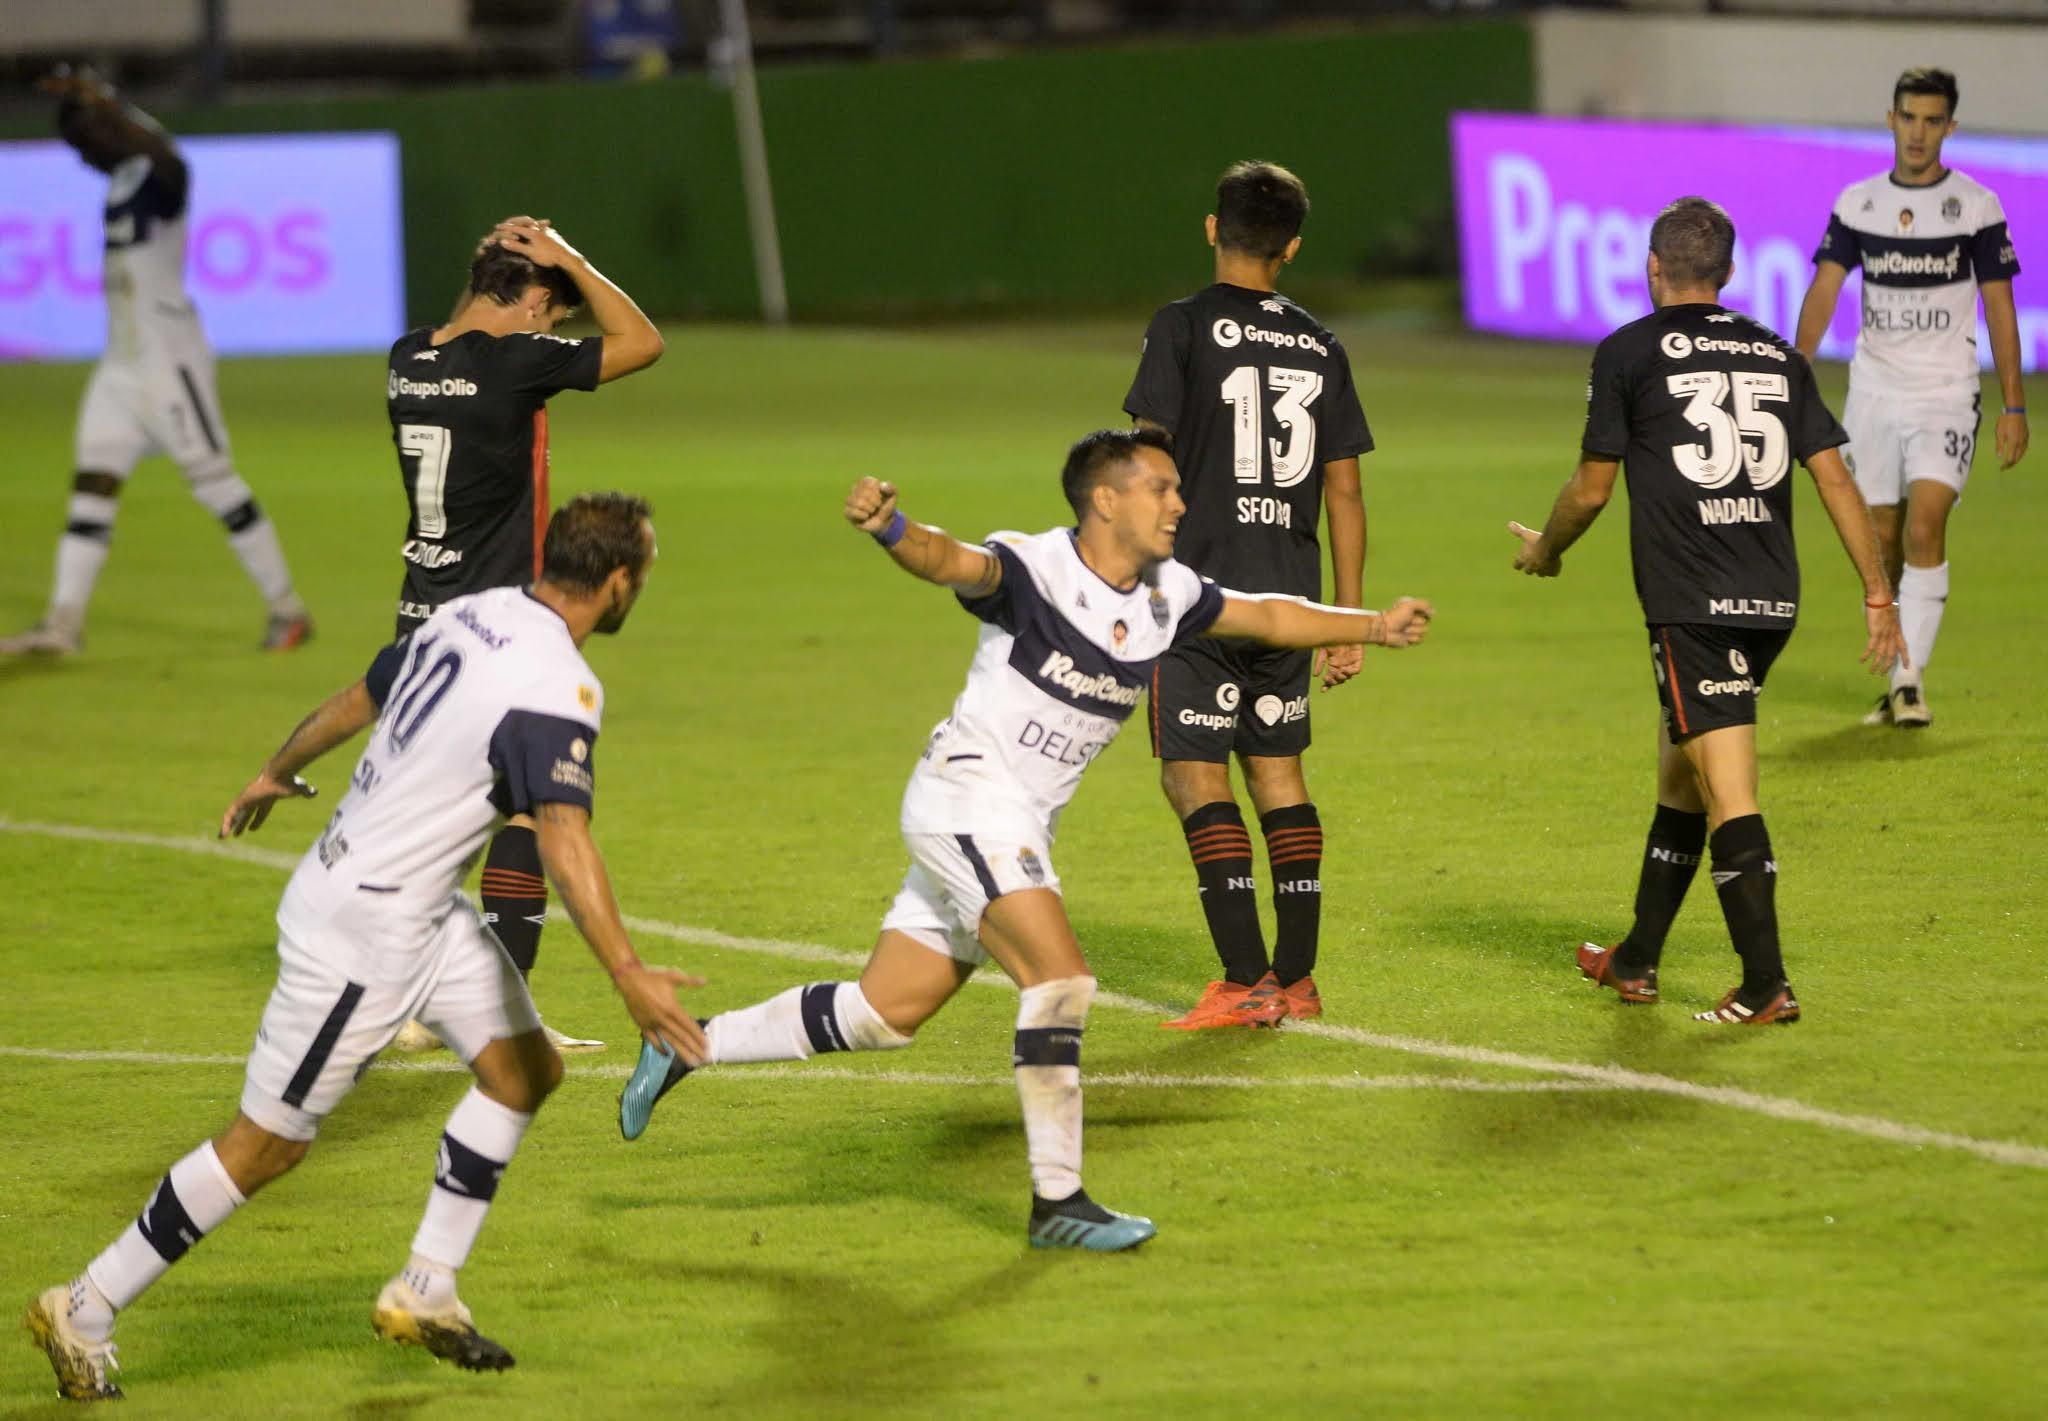 Gimnasia sigue con esperanzas de clasificar tras cortar el invicto de Burgos en Newell's